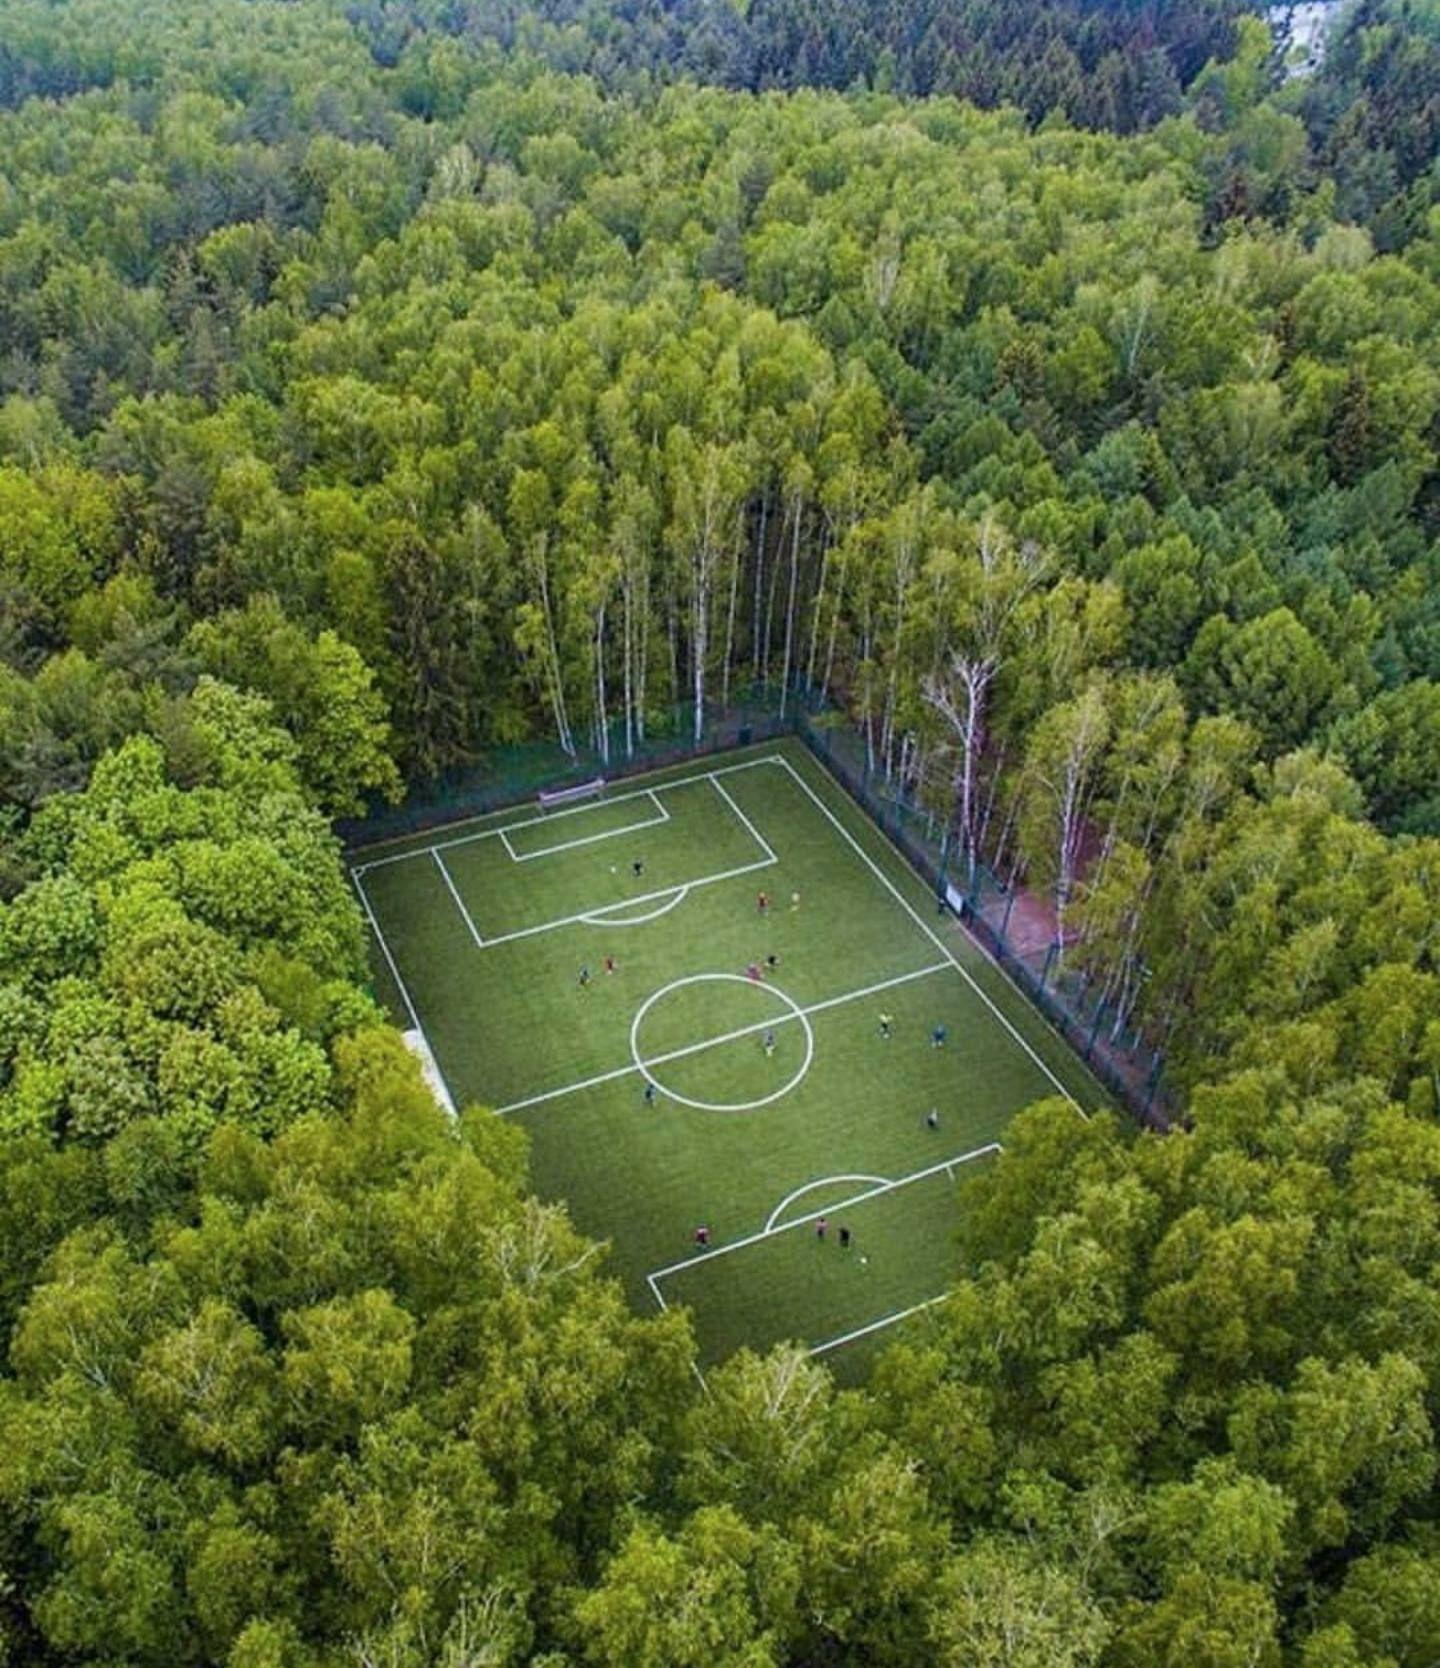 Fútbol en el Bosque - Moscú